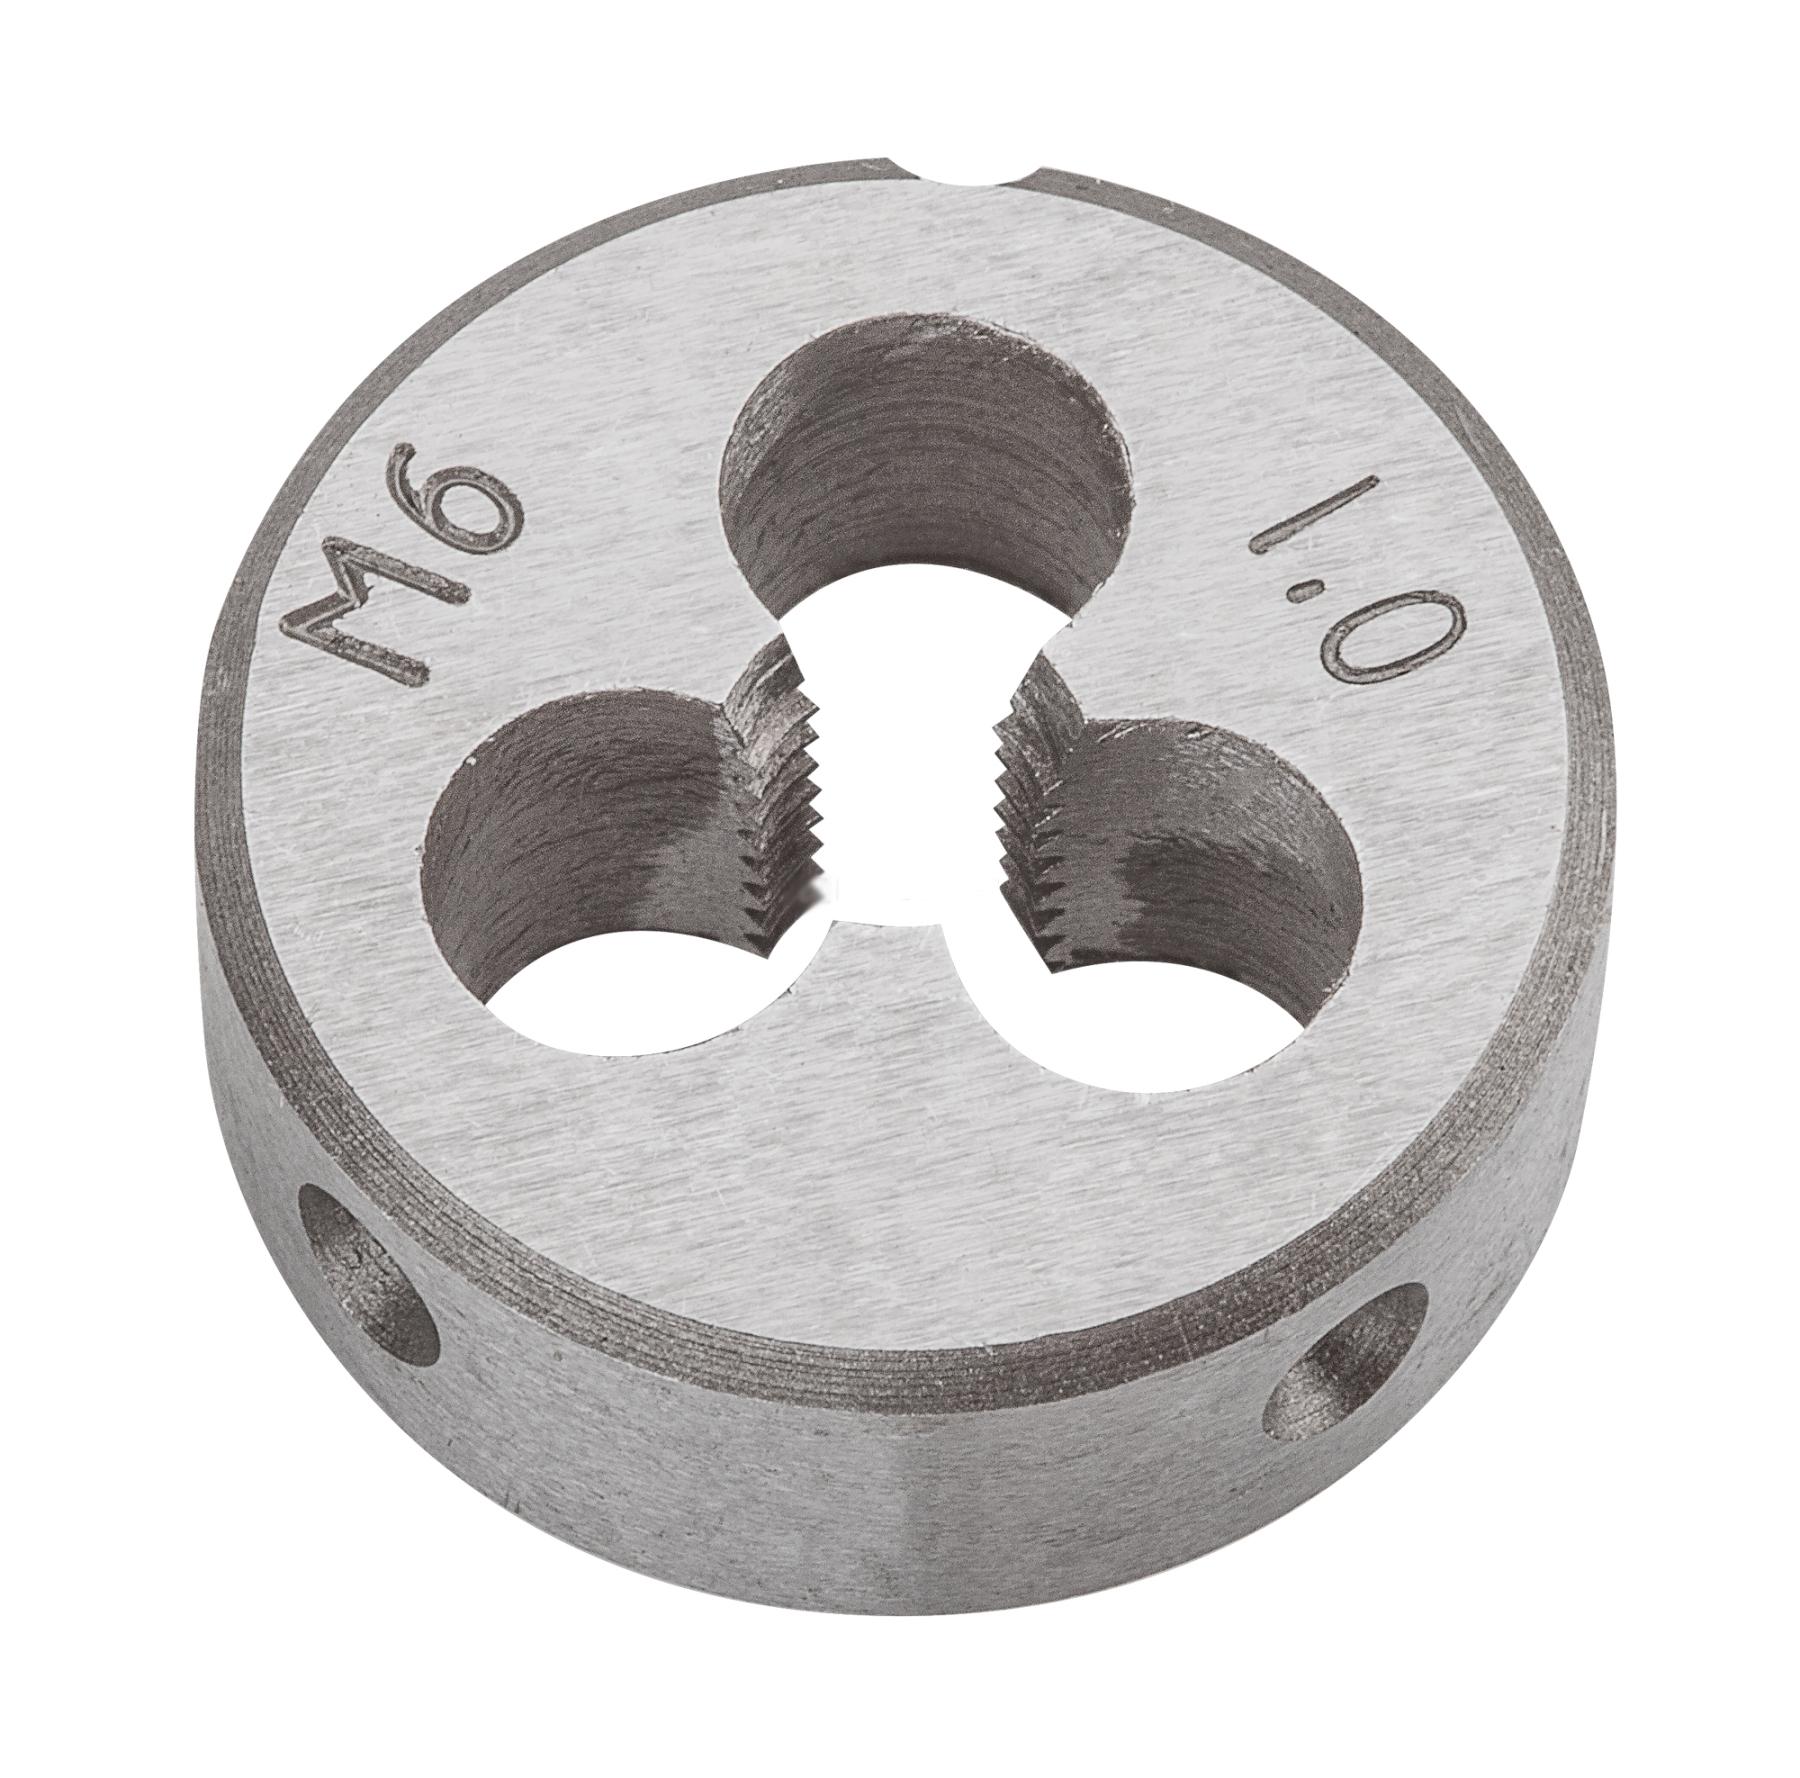 Плашка вольфрамовая Topex, М6, 25 х 9 мм14A306Плашки вольфрамовые Торех используются для нарезания метрической резьбы. Характеристики: Материал: металл. Шаг резьбы: М6. Размеры плашки: 2,5 см х 0,9 см. Размеры упаковки: 9 см х 5 см х 1,5 см.